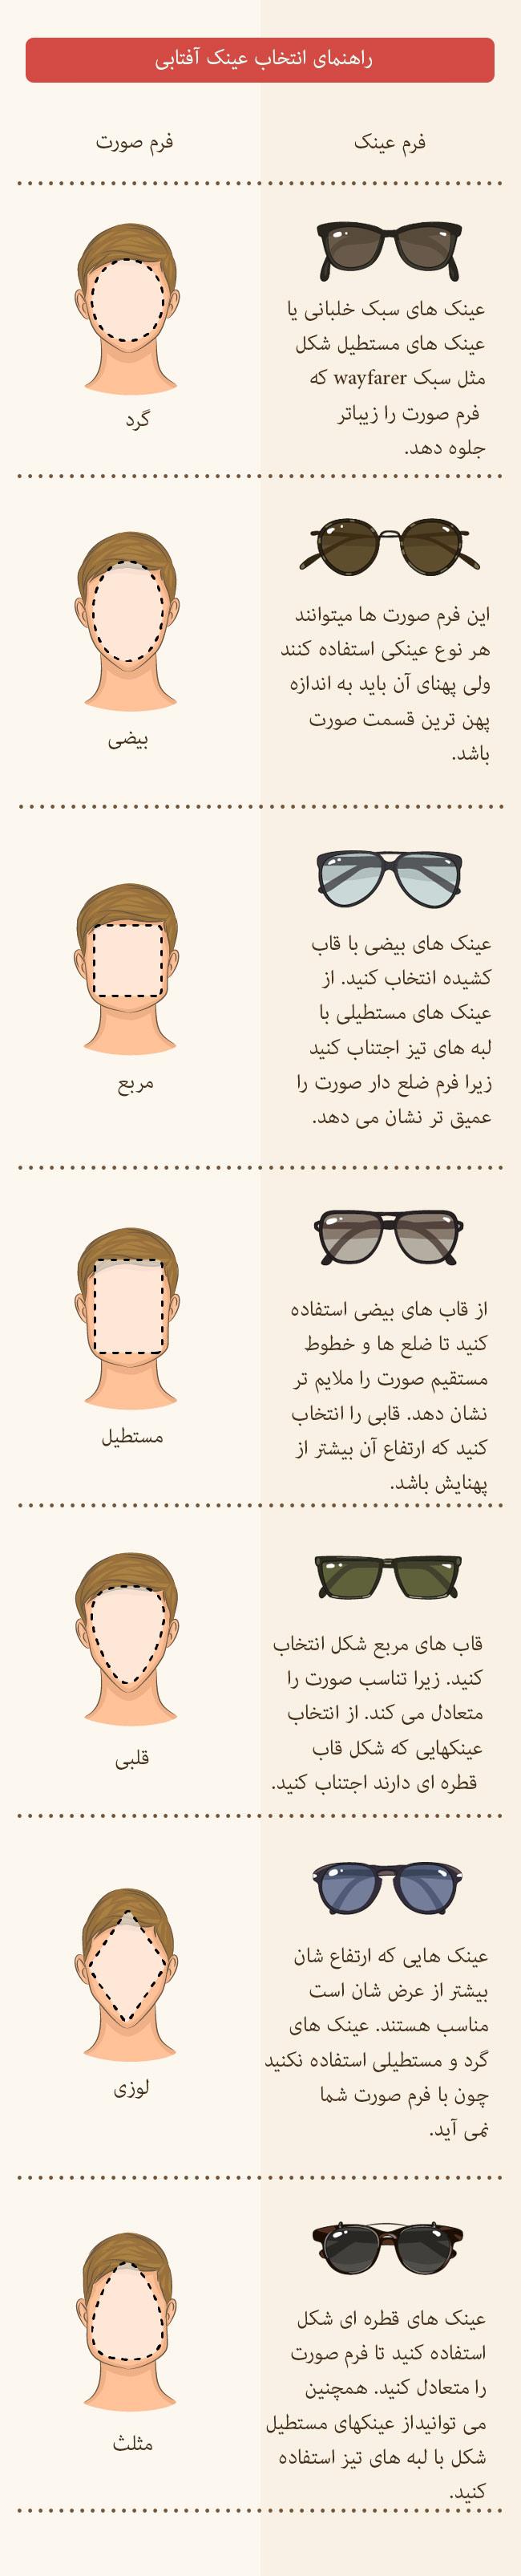 راهنمای انتخاب عینک بر اساس فرم چهره اینفوگرافیک